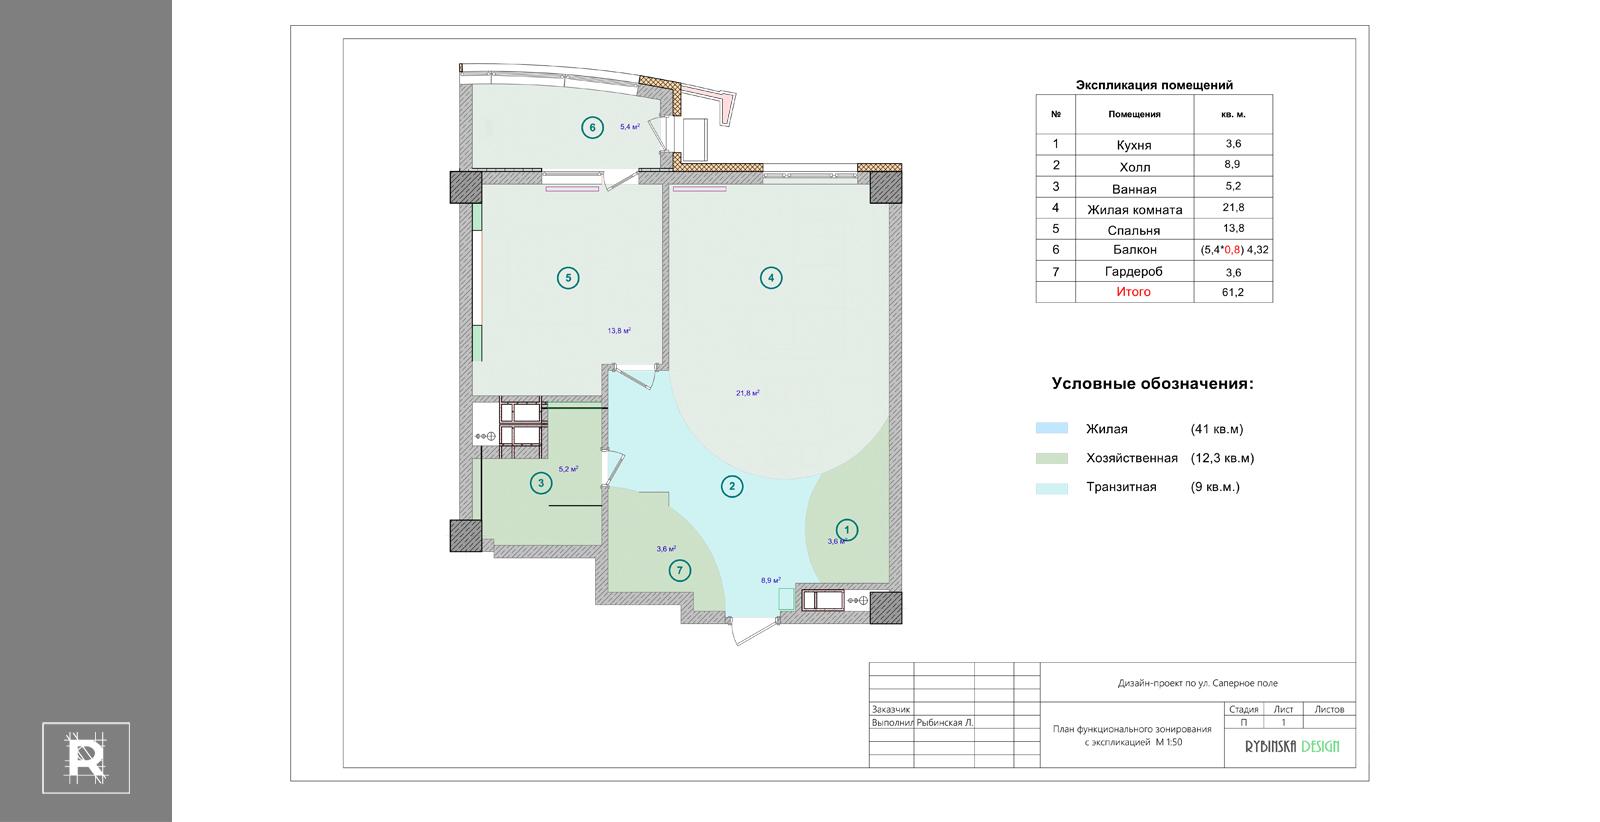 Пример - План зонирование помещения